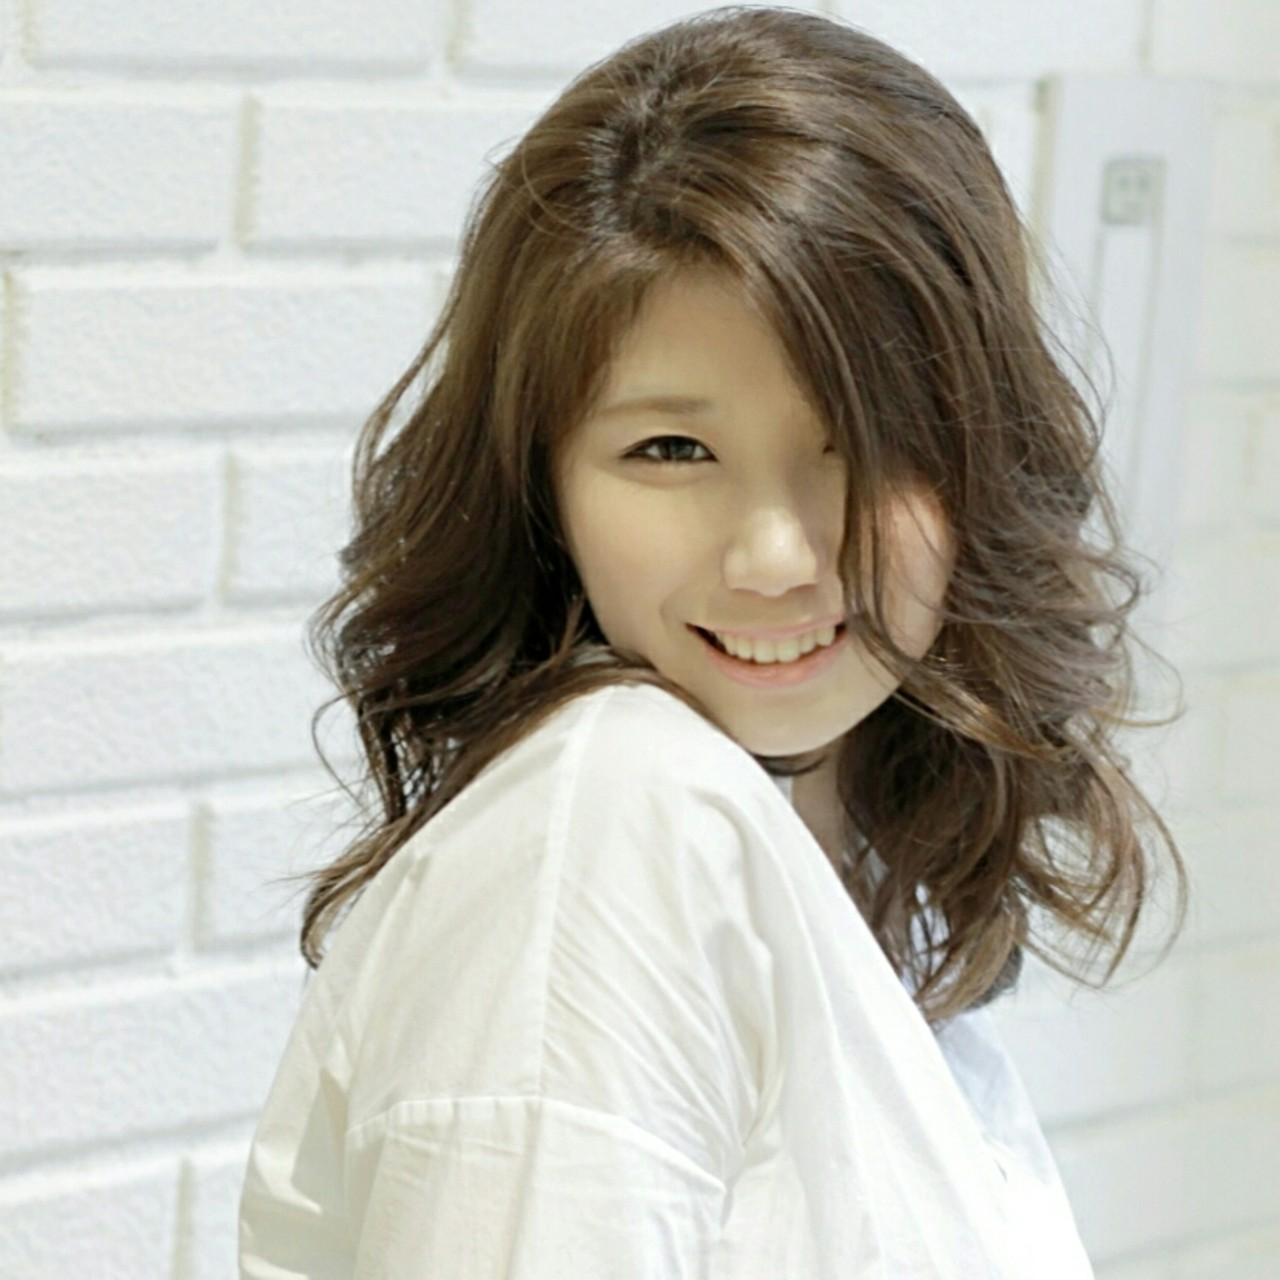 ゆるふわ 外国人風 大人かわいい フェミニン ヘアスタイルや髪型の写真・画像